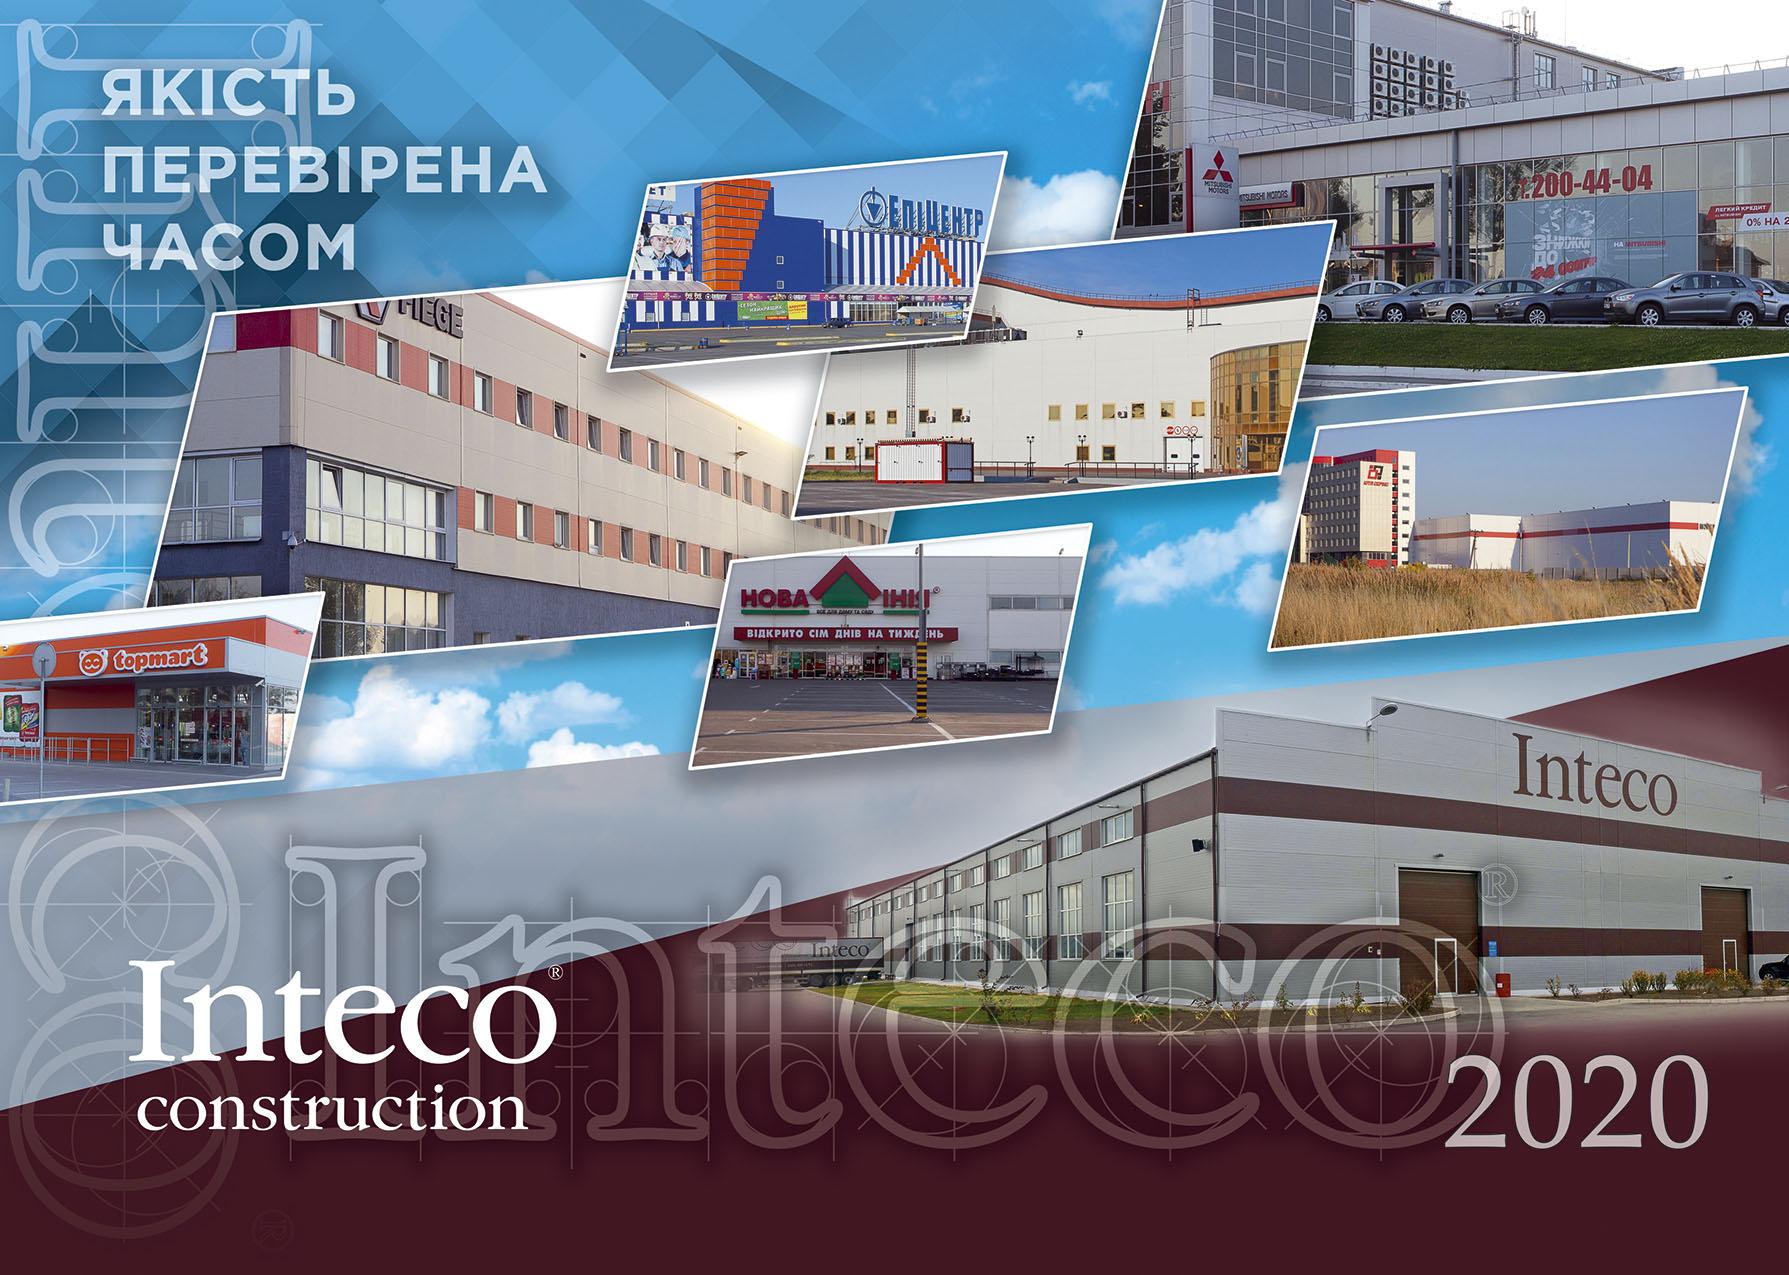 Дизайн квартального календаря завода Inteco вариант №5 www.makety.top